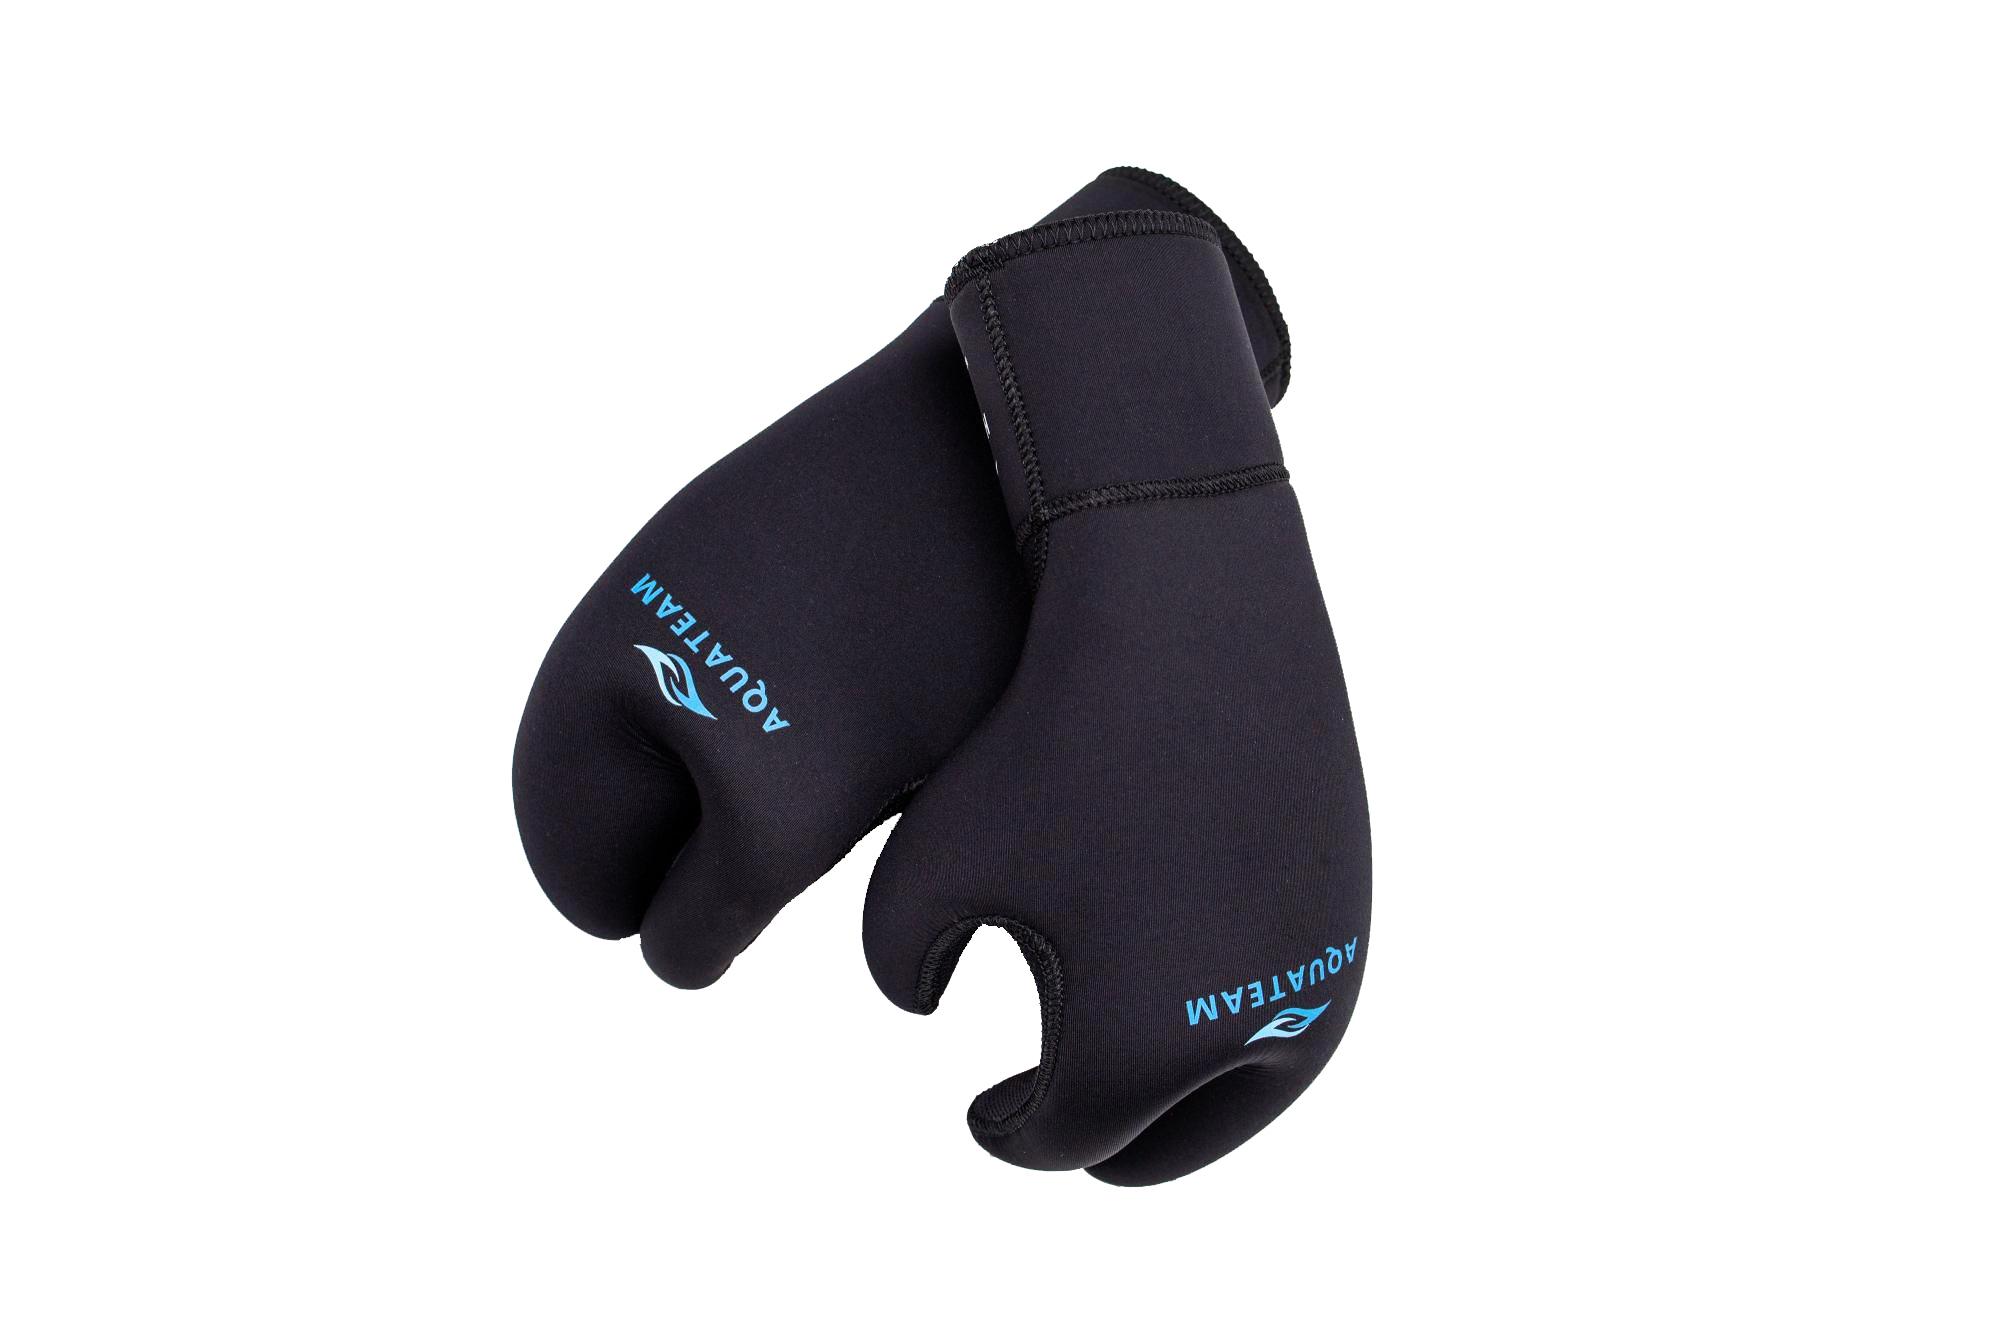 Перчатки Aquateam Hunter 9 мм 3-палые ультраспан